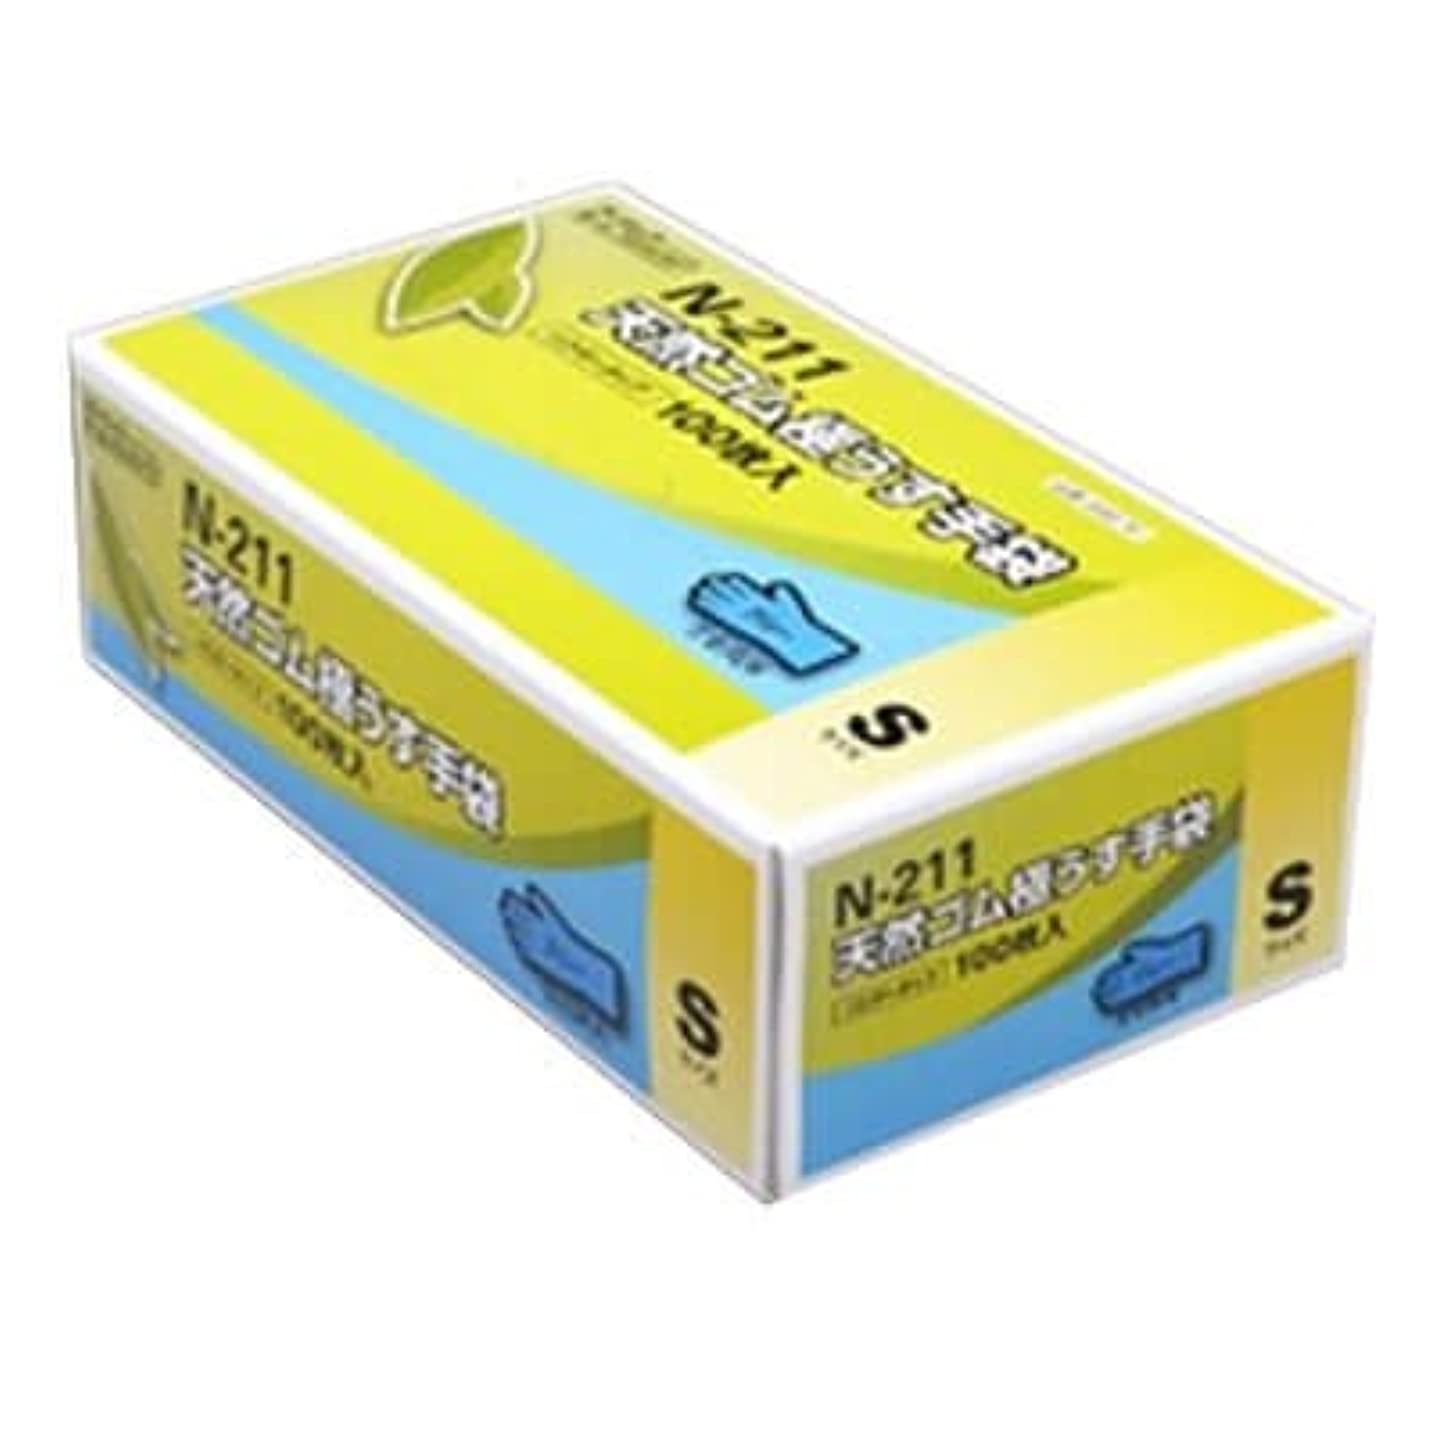 純粋な逸話煙【ケース販売】 ダンロップ 天然ゴム極うす手袋 N-211 S ブルー (100枚入×20箱)